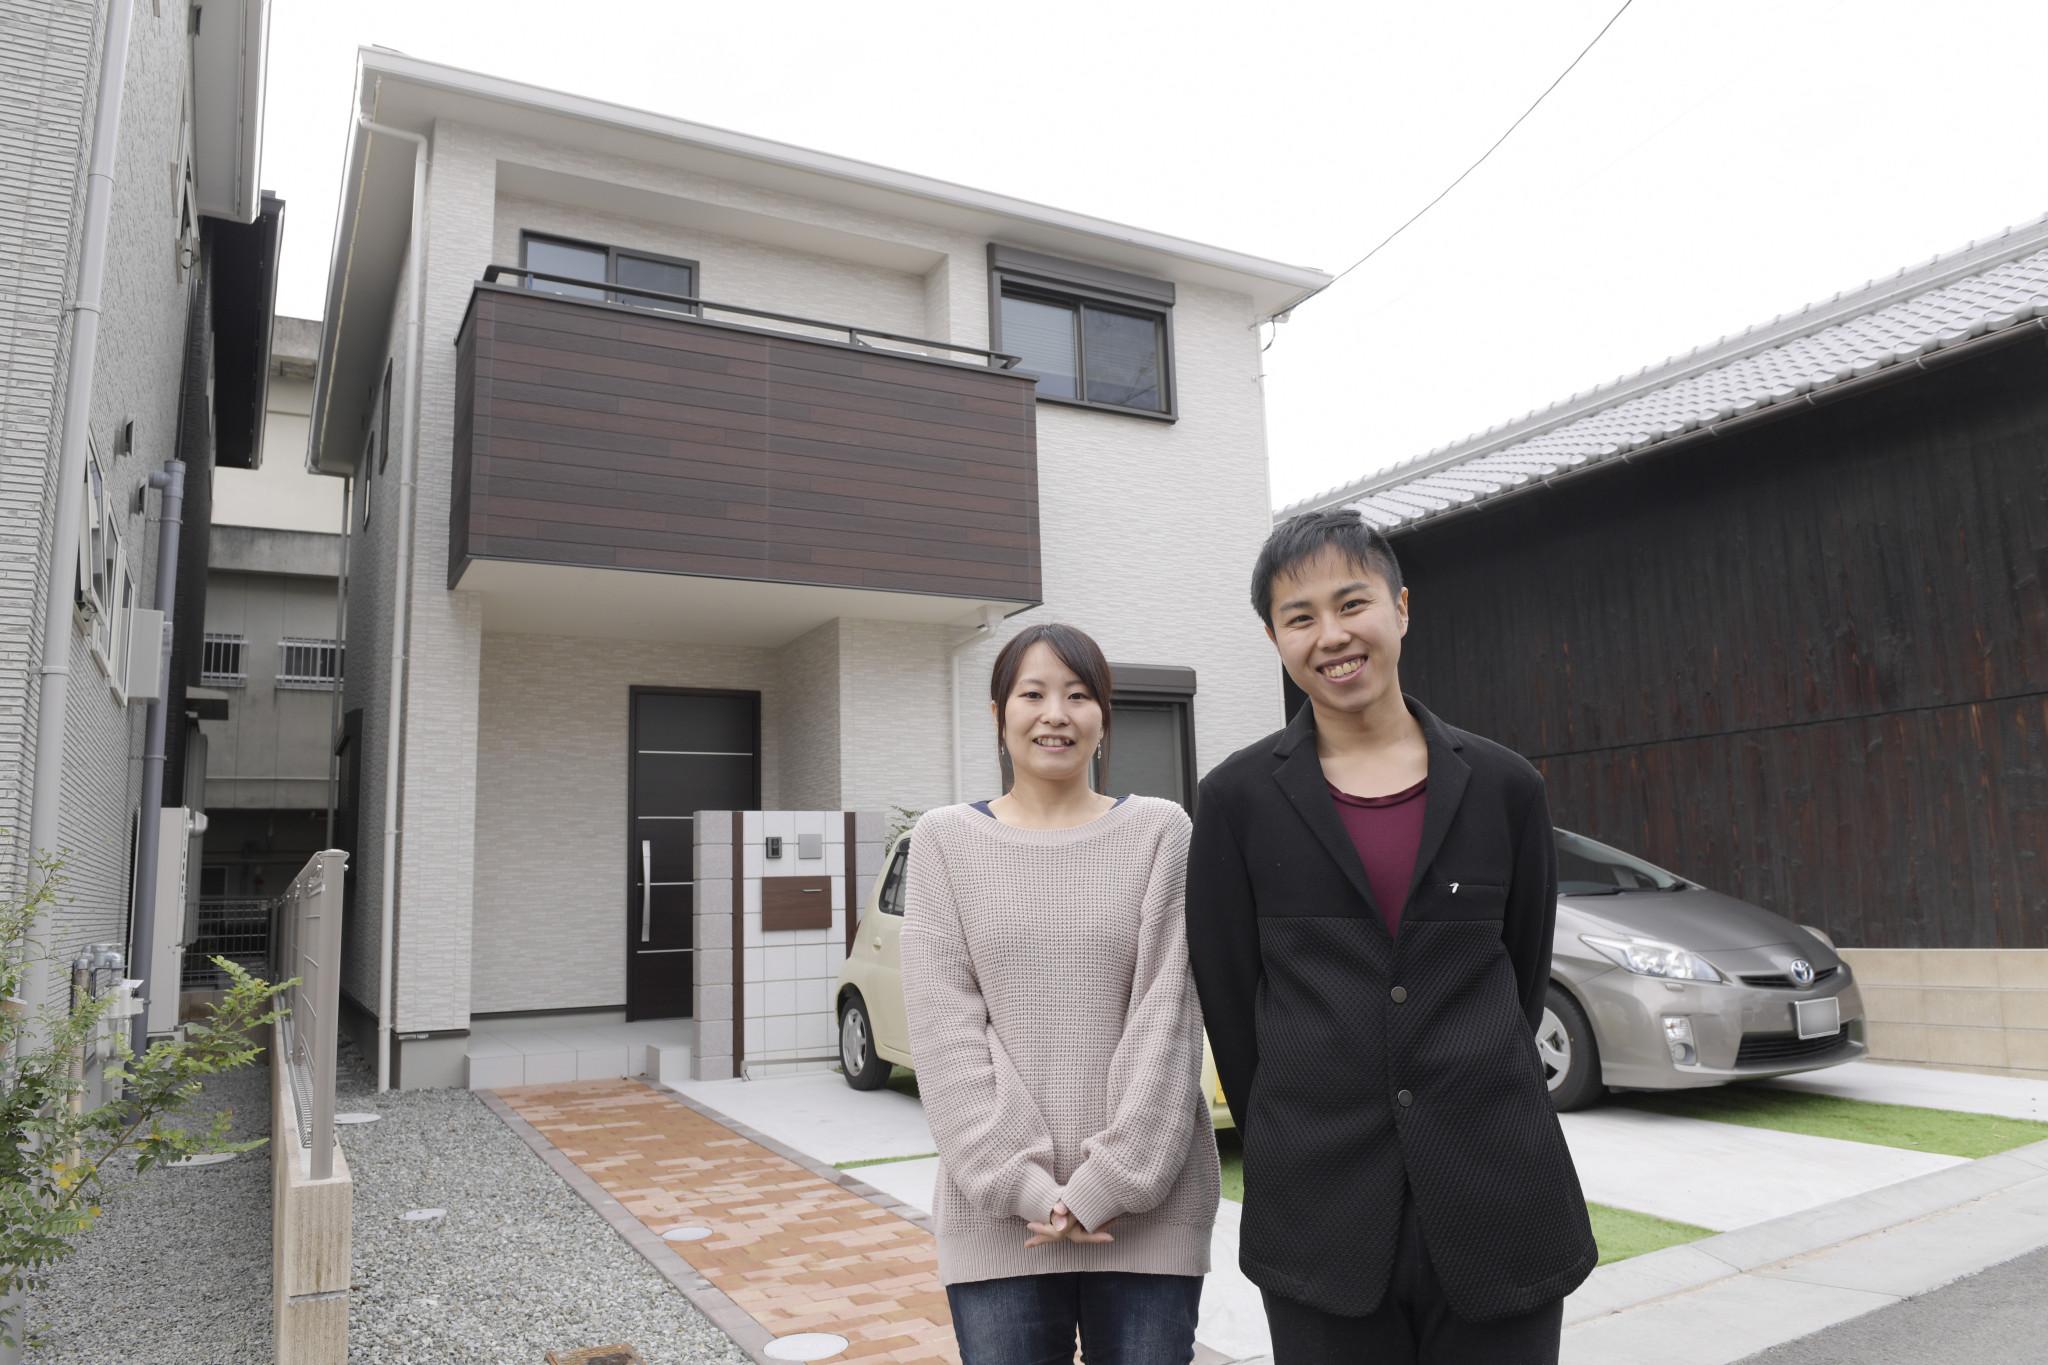 <p>これから家を建てる方にアドバイスをお願いします。</p>